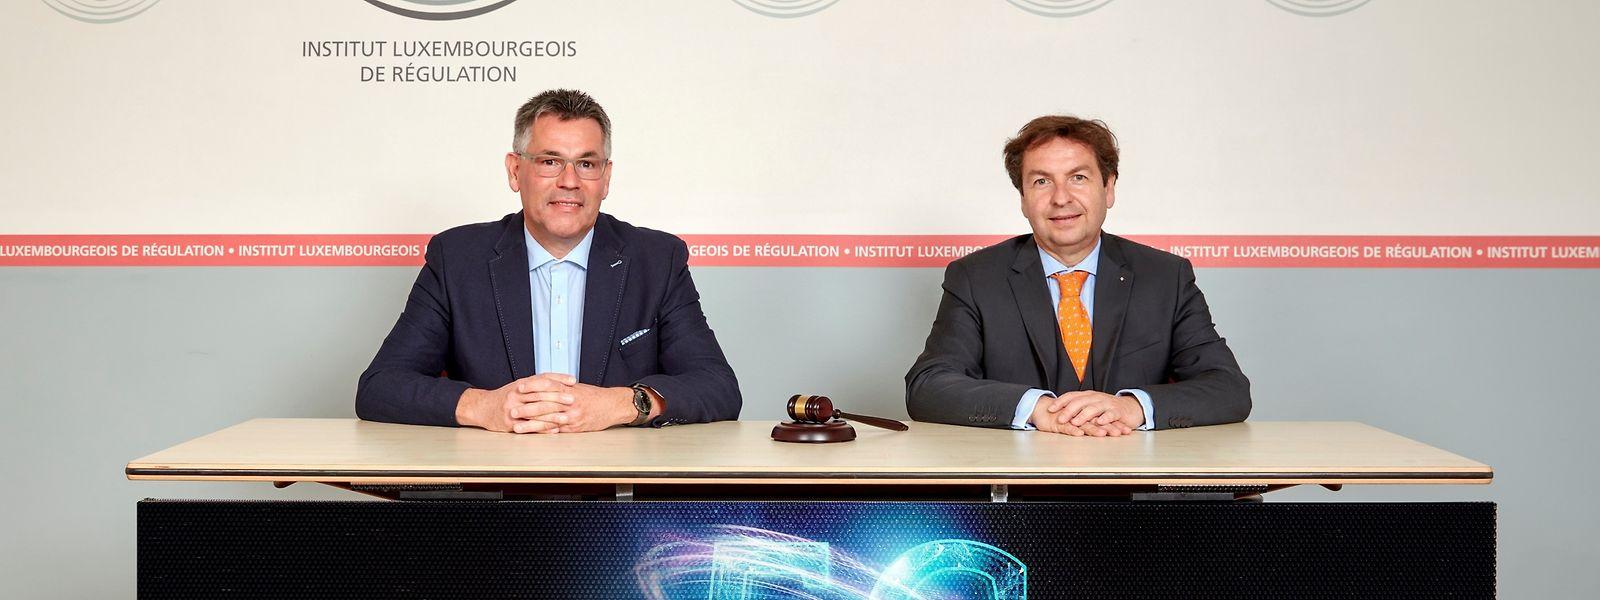 Sie leiteten die Versteigerung: Claude Rischette, Chef de service der Frequenzabteilung, und Luc Tapella, Direktor des ILR (v.l.n.r.)